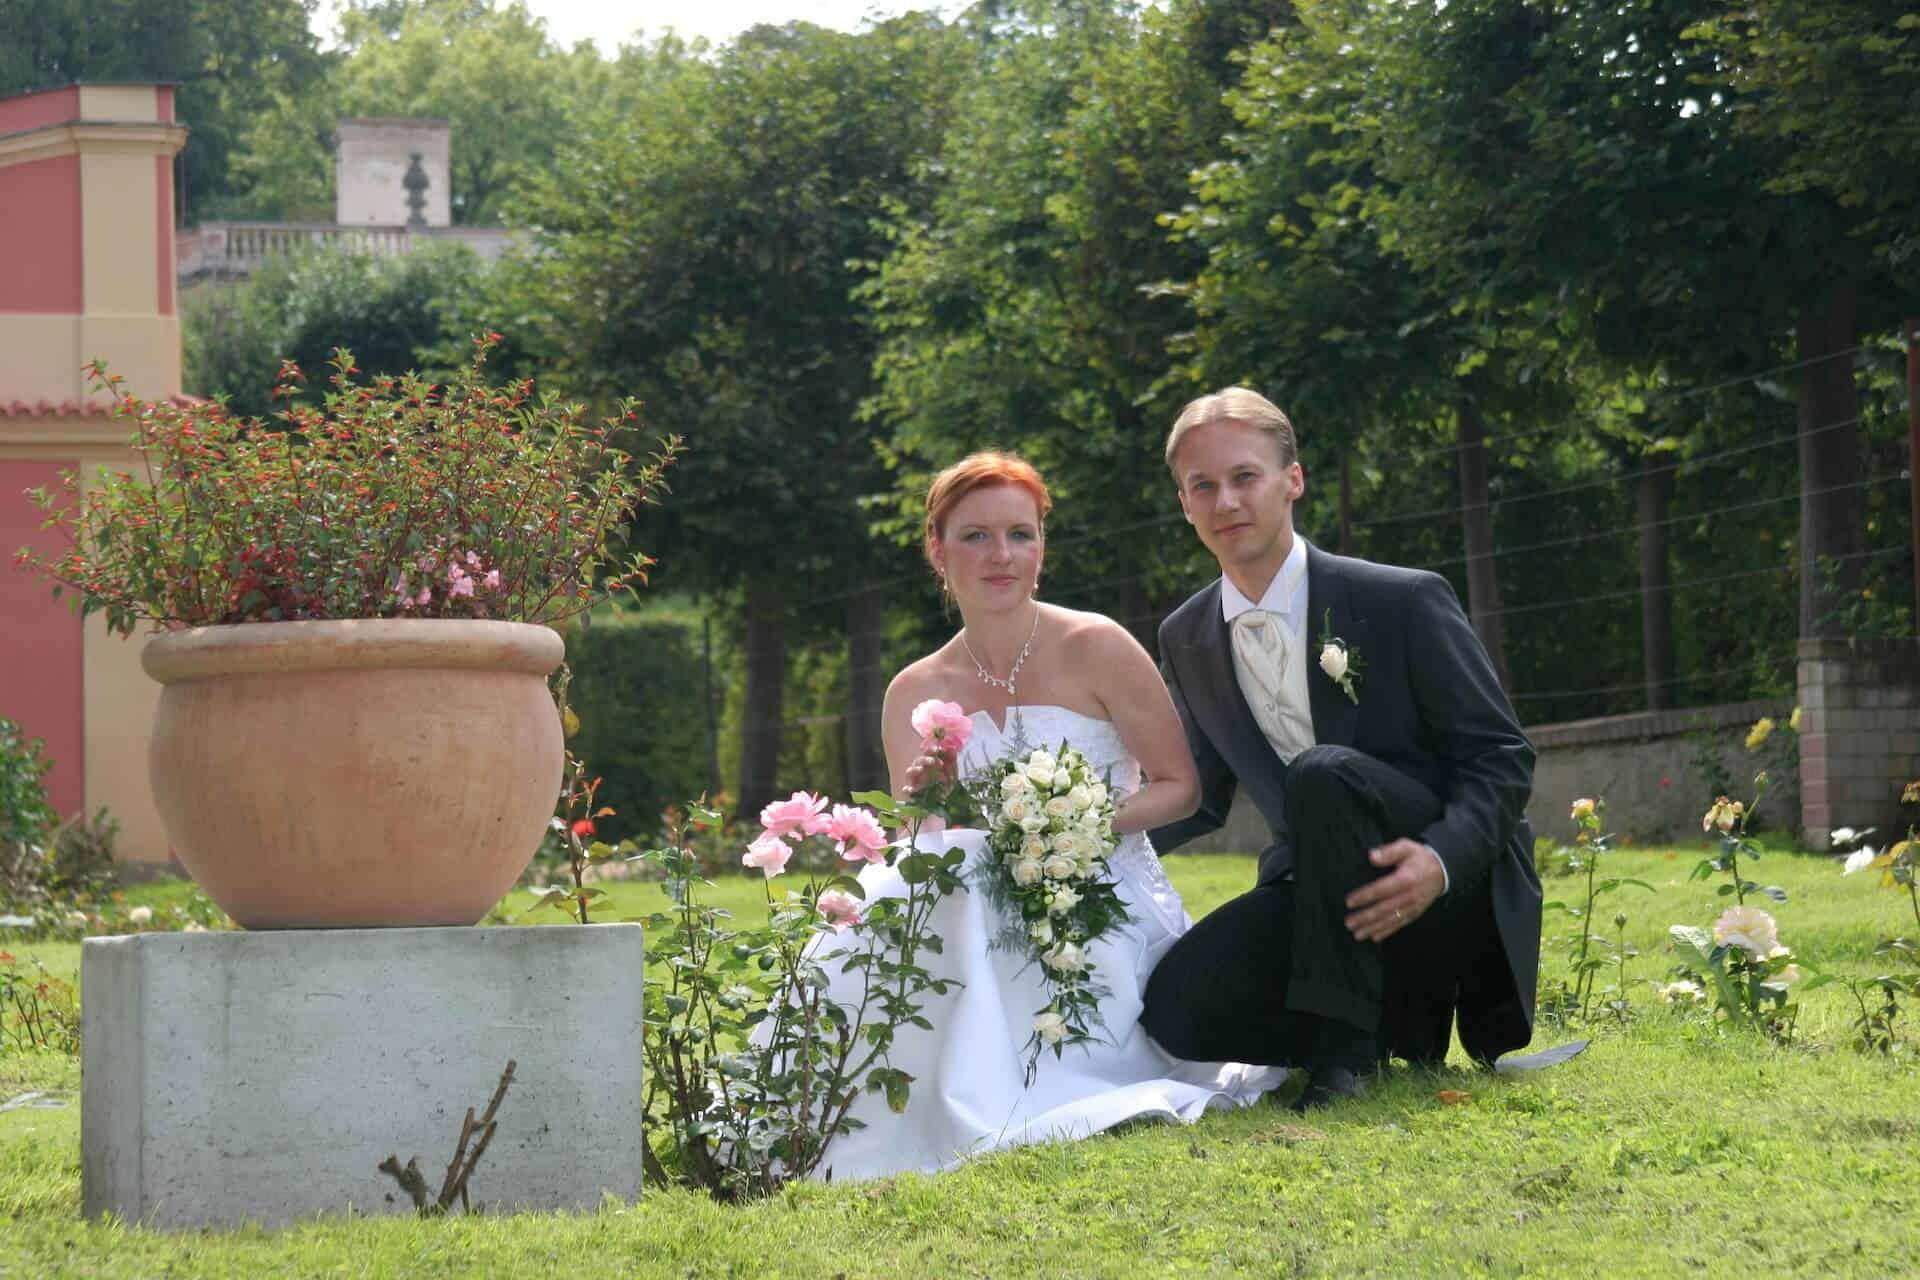 Svatba Havlíkovi - ve francouzském parku bylo krásně